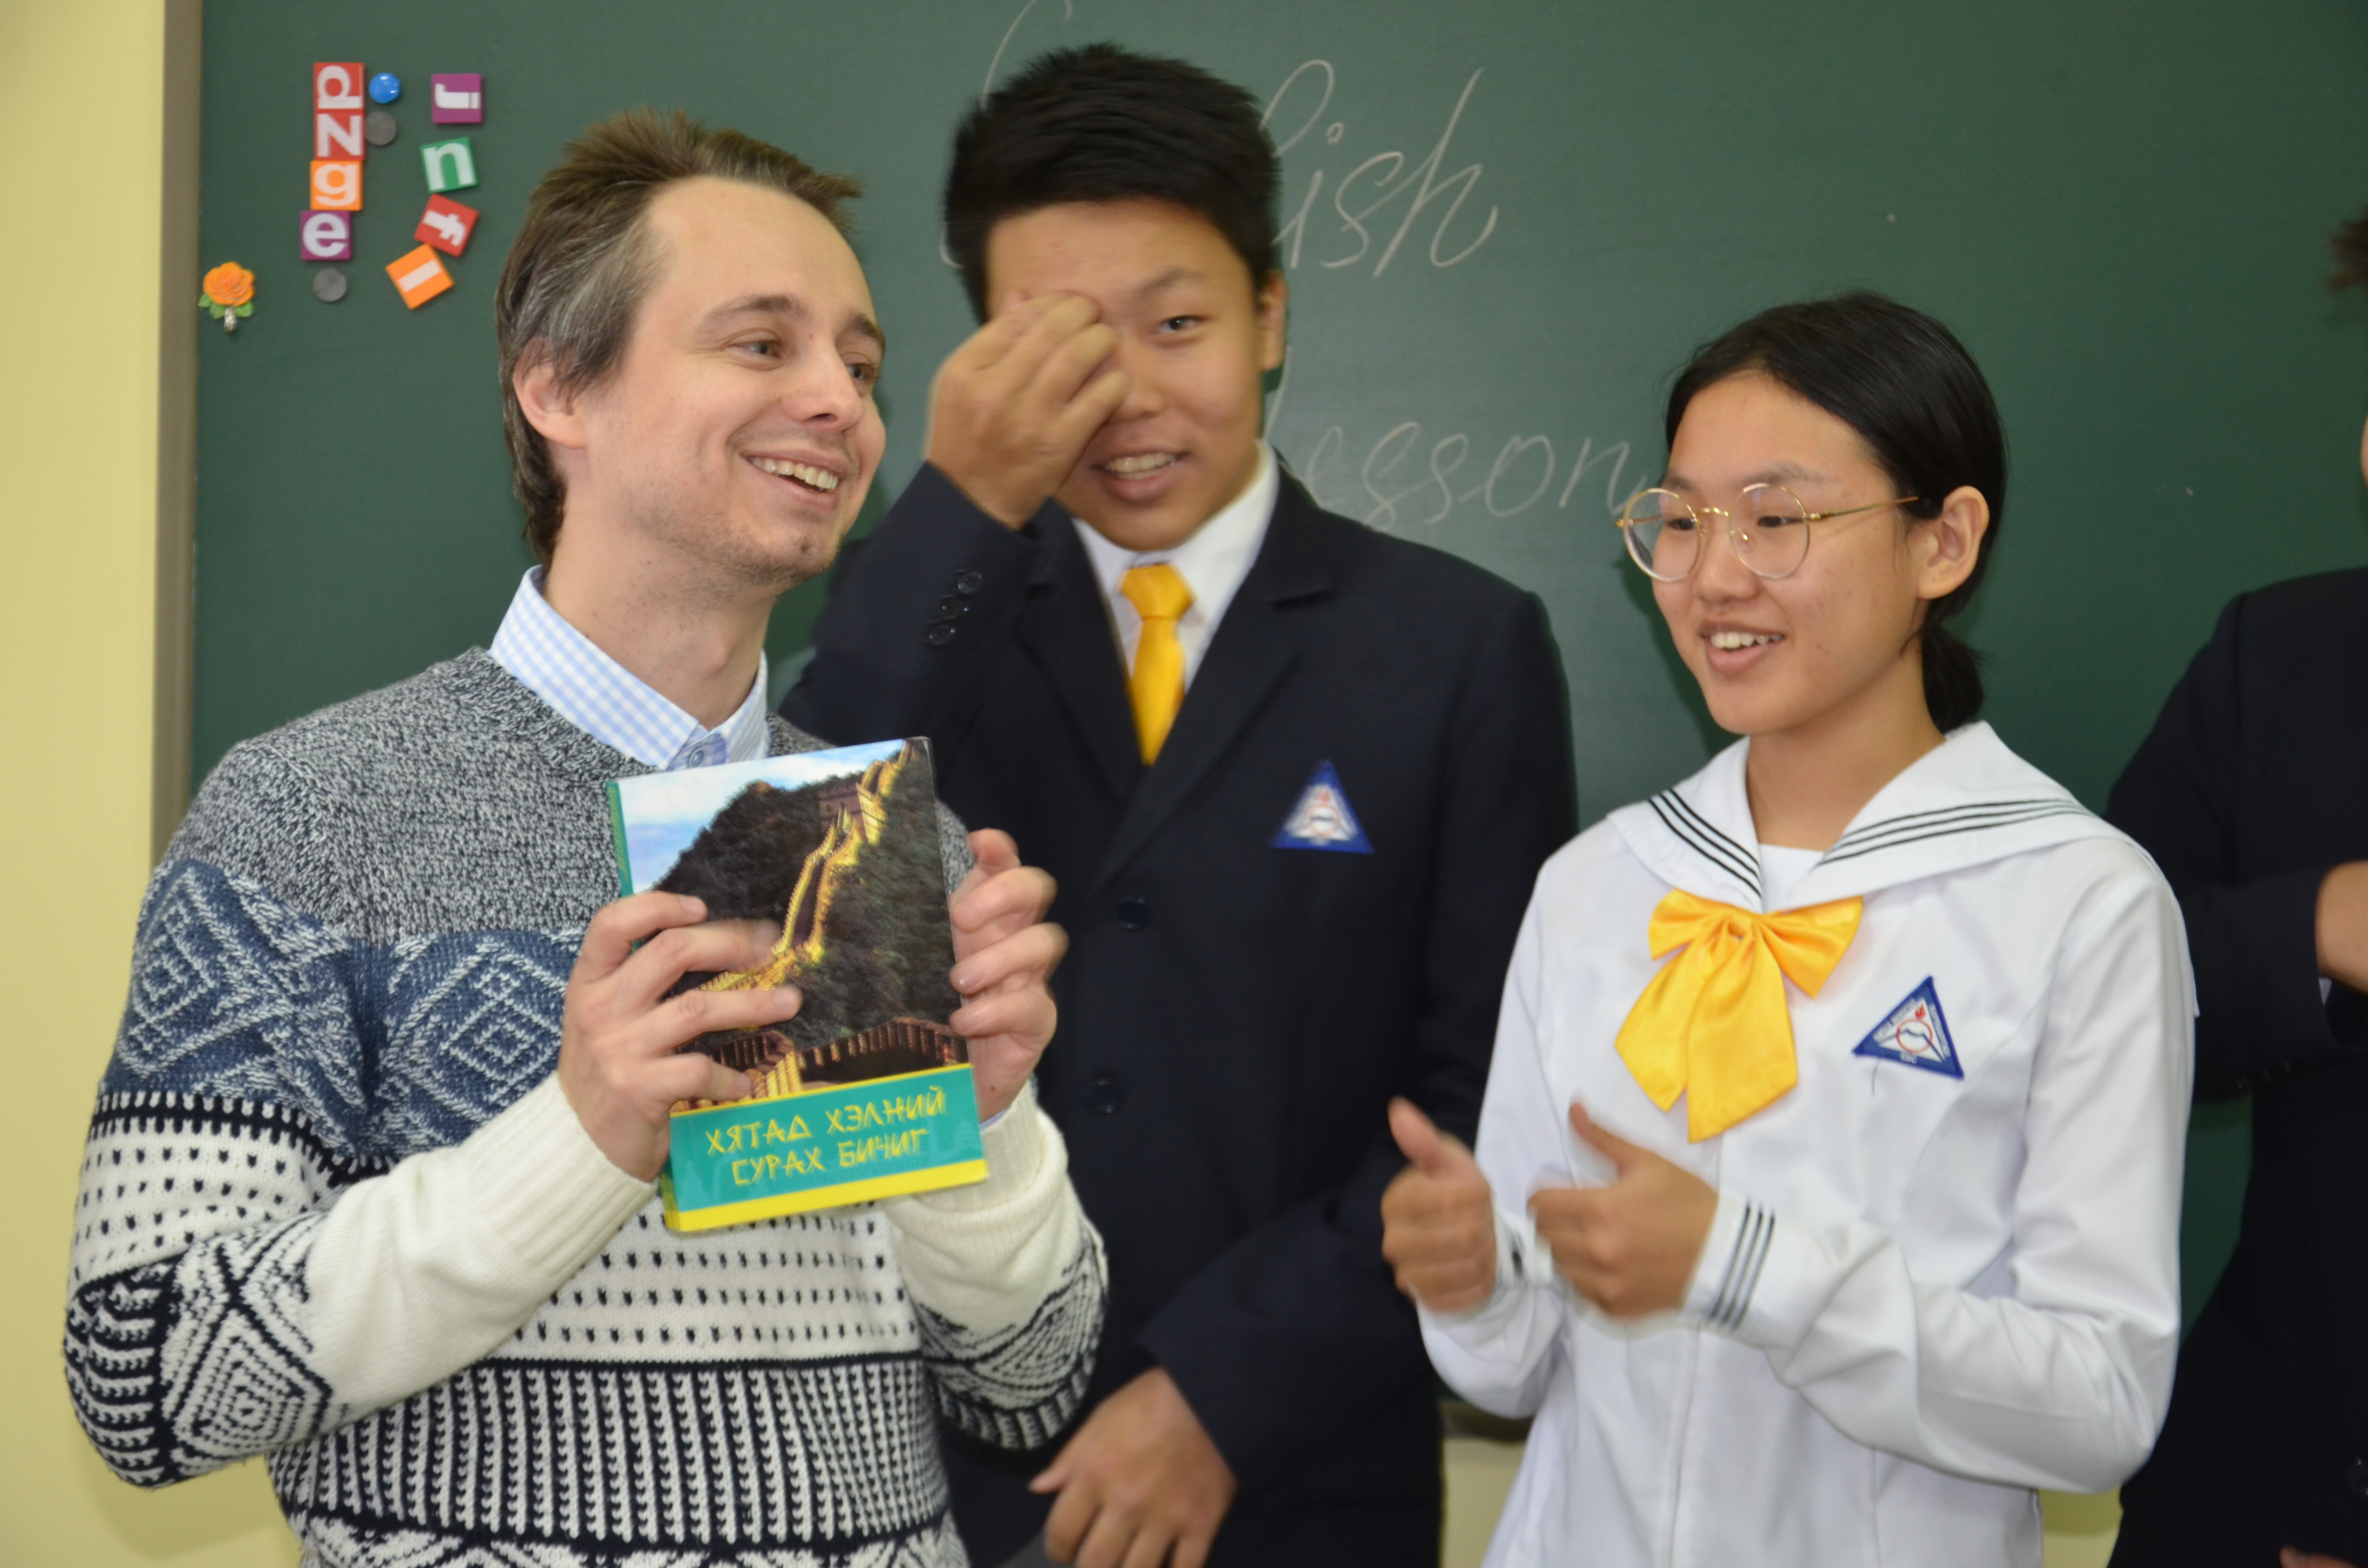 """Хендрикс Николас Кайль Шинэ Монгол соёл"""", """"Шинэ ертөнц""""-өд орж ирсэн юм шиг л таатай байна"""